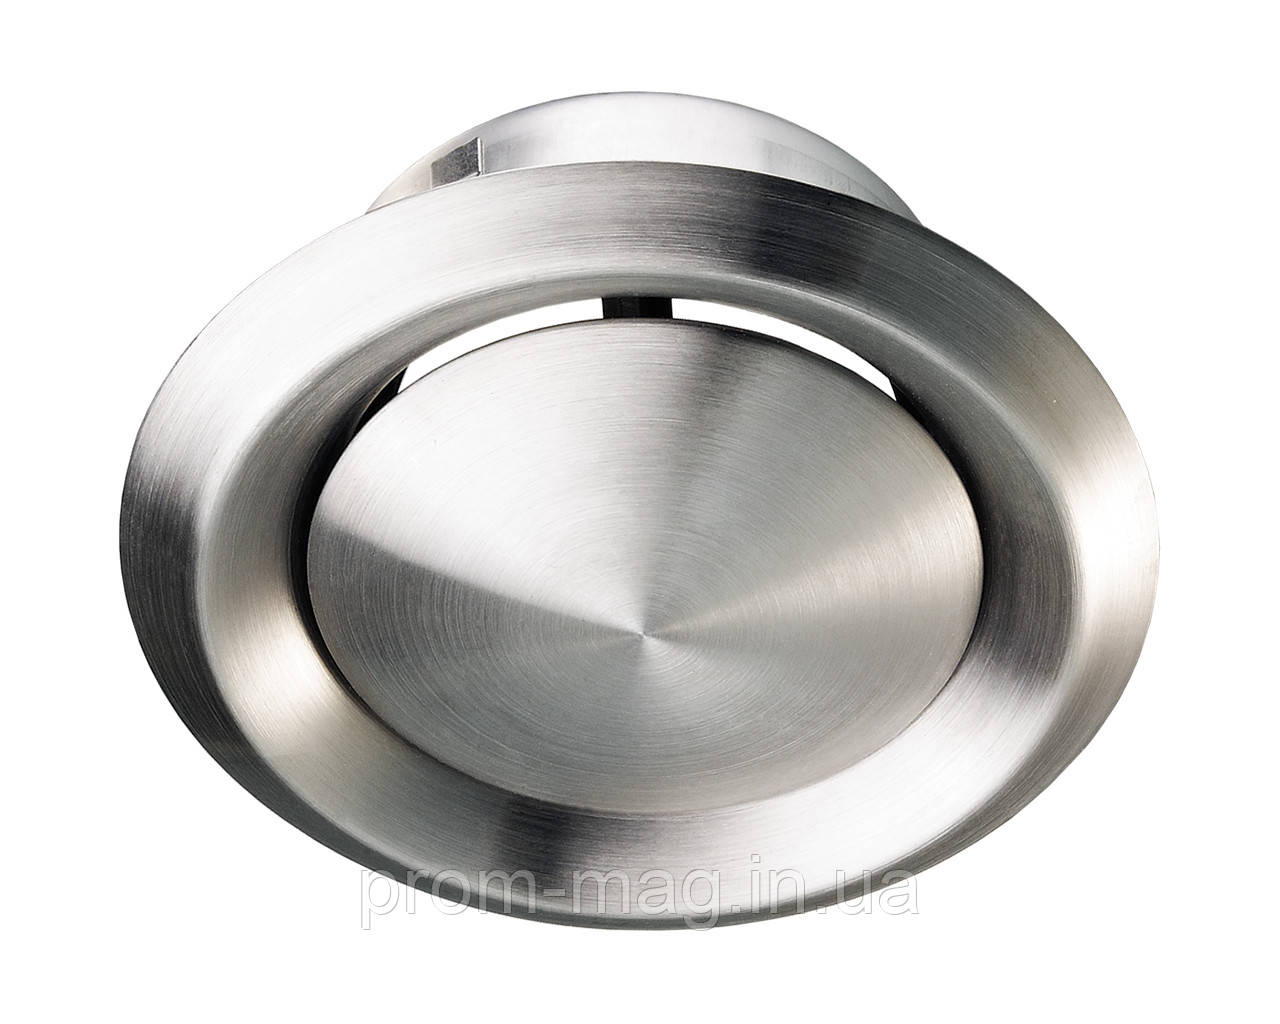 АМ 200 ВРФ Н анемостат из нержавеющей стали